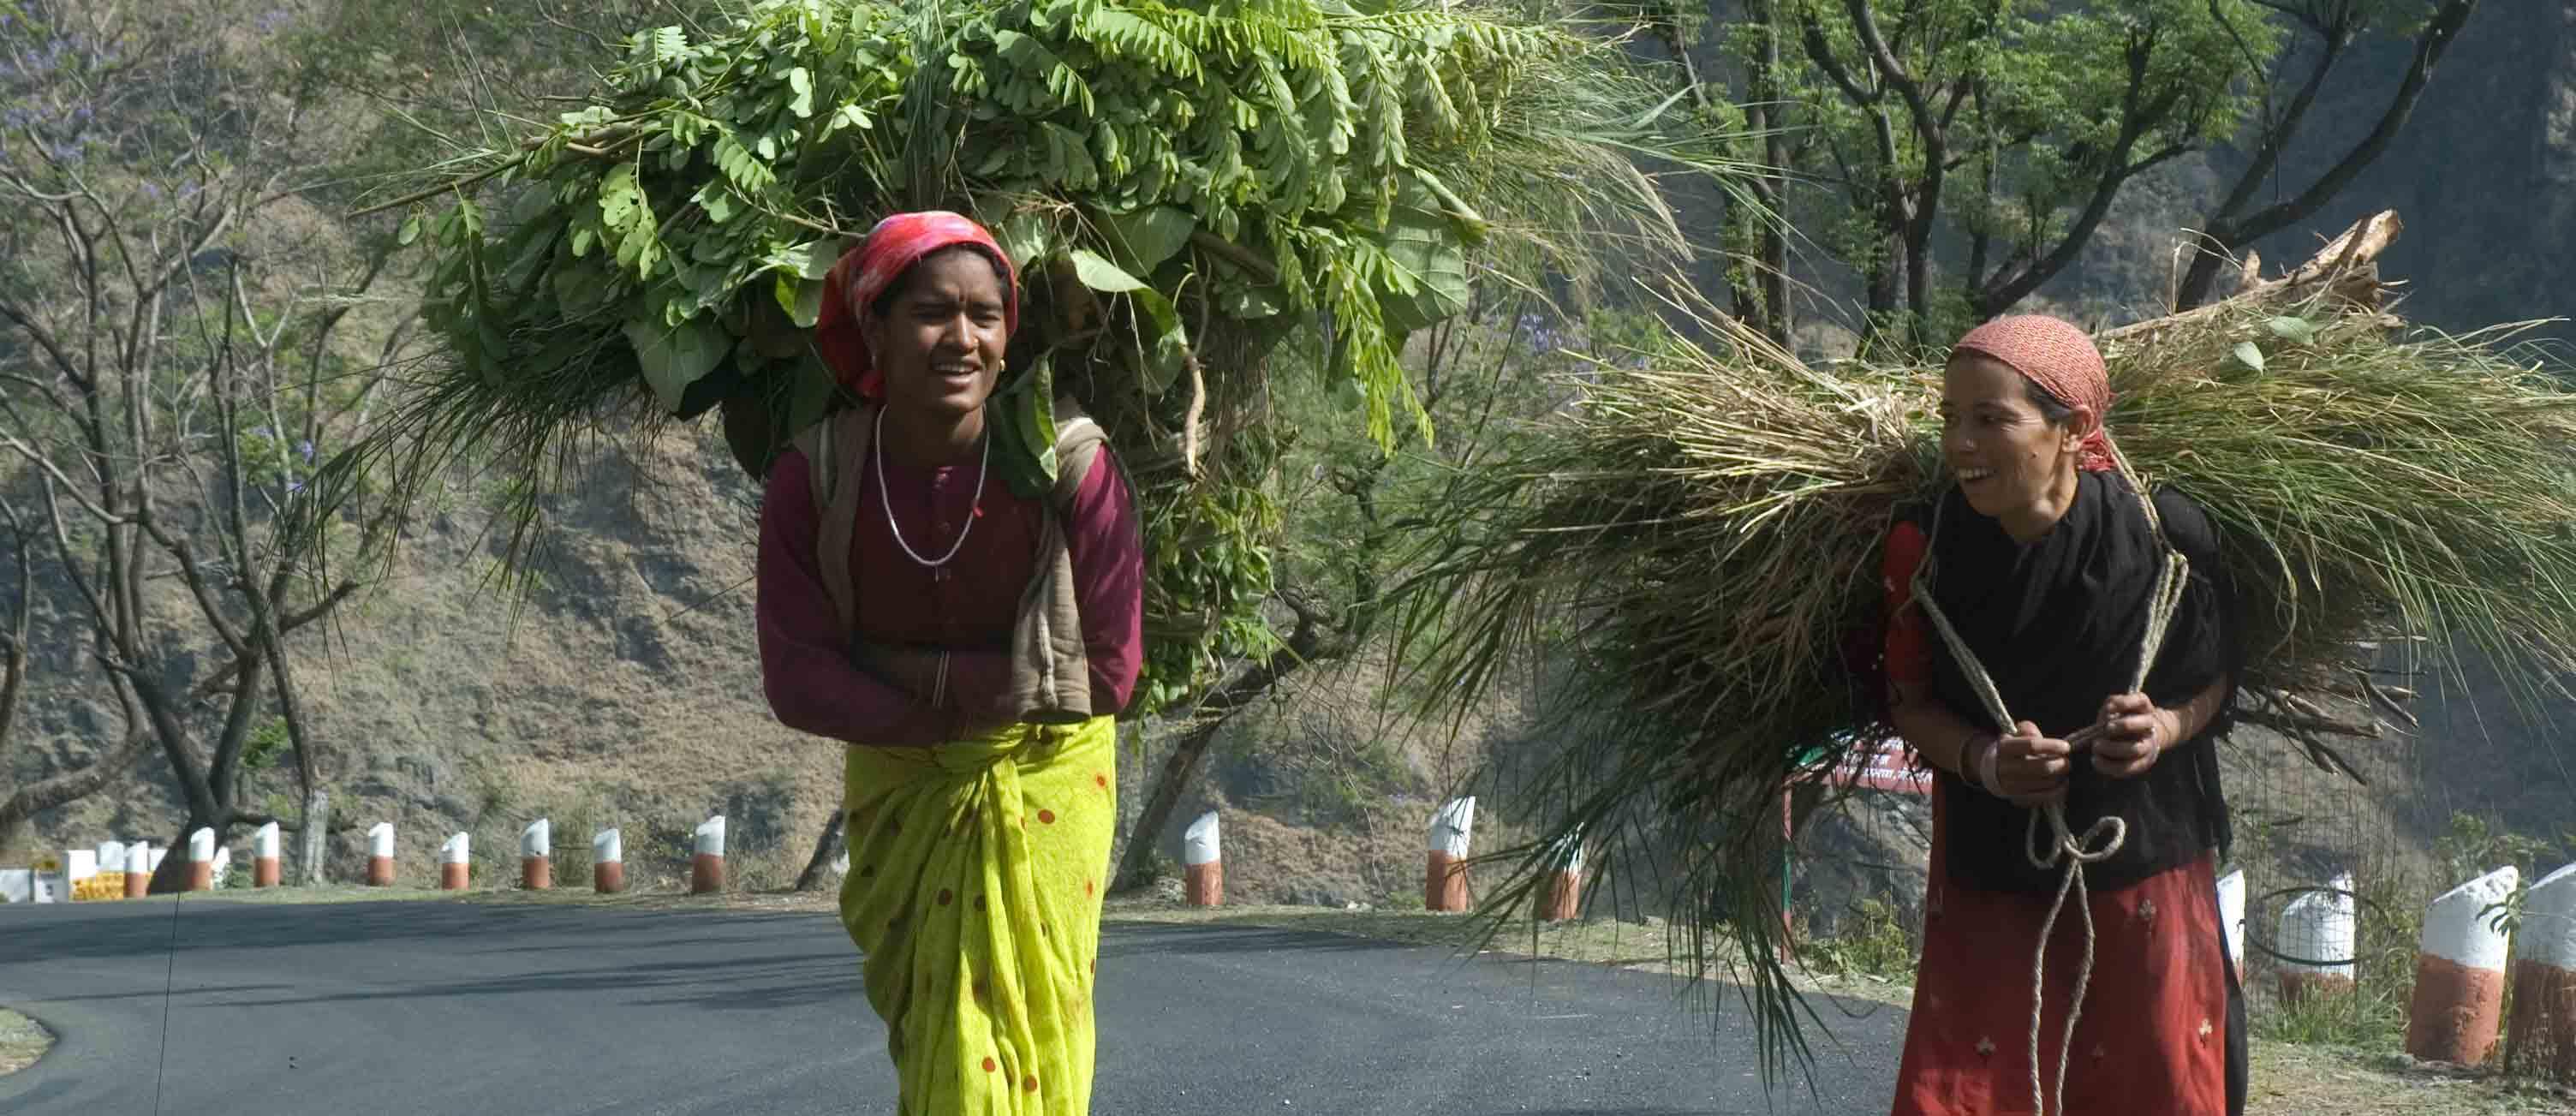 अपने कंधों पर पहाड़ ढोती महिलाएं: कमल जोशी की तस्वीरें